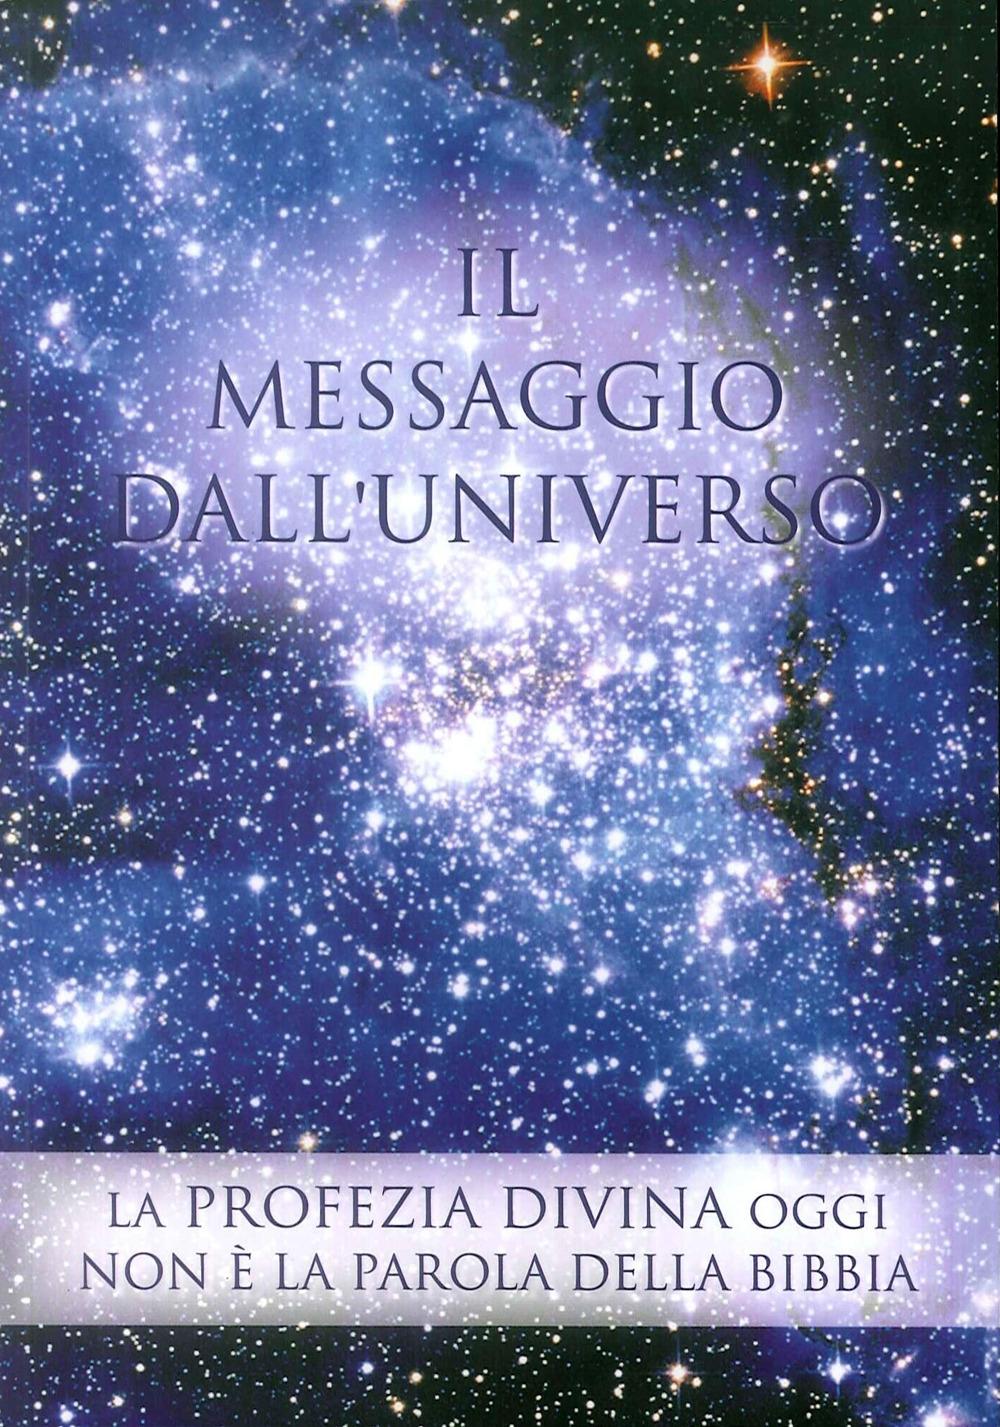 Il messaggio dall'universo. La profezia divina oggi. Non è la parola della Bibbia. Vol. 2